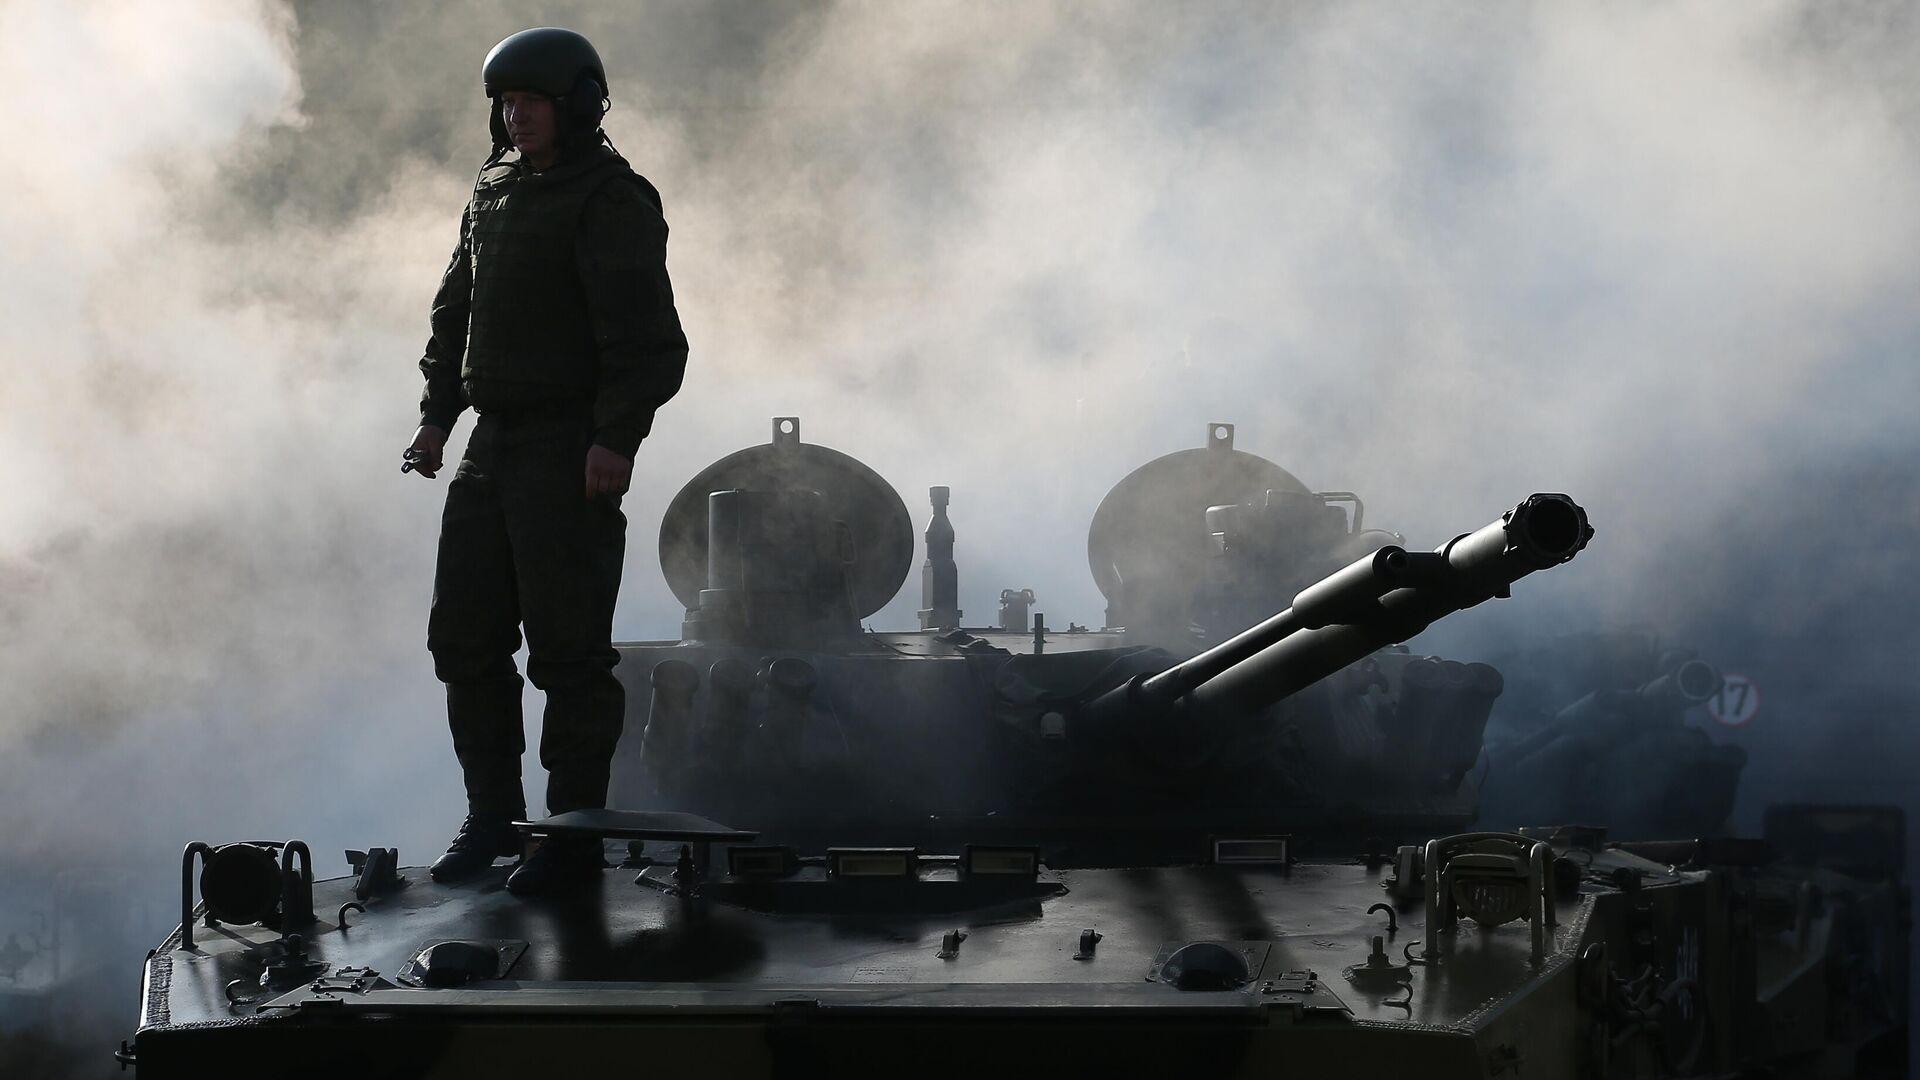 Военнослужащий на церемонии передачи новых боевых машин десанта БМД-4М и бронетранспортеров БТР-МДМ Ракушка на вооружение ВДВ - РИА Новости, 1920, 25.03.2021